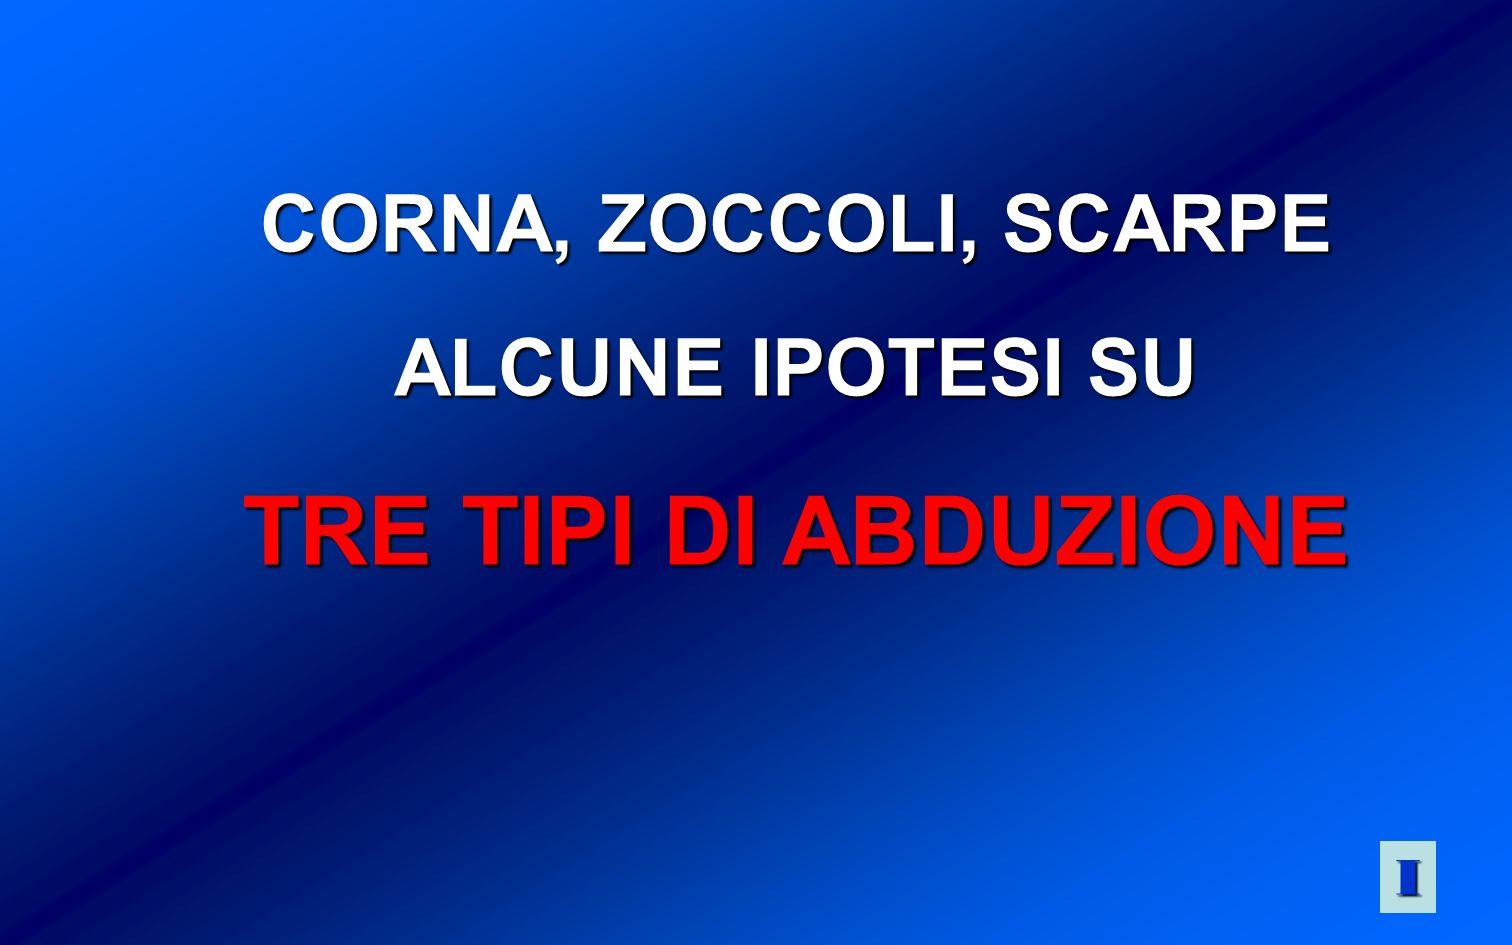 CORNA, ZOCCOLI, SCARPE ALCUNE IPOTESI SU TRE TIPI DI ABDUZIONE IIII